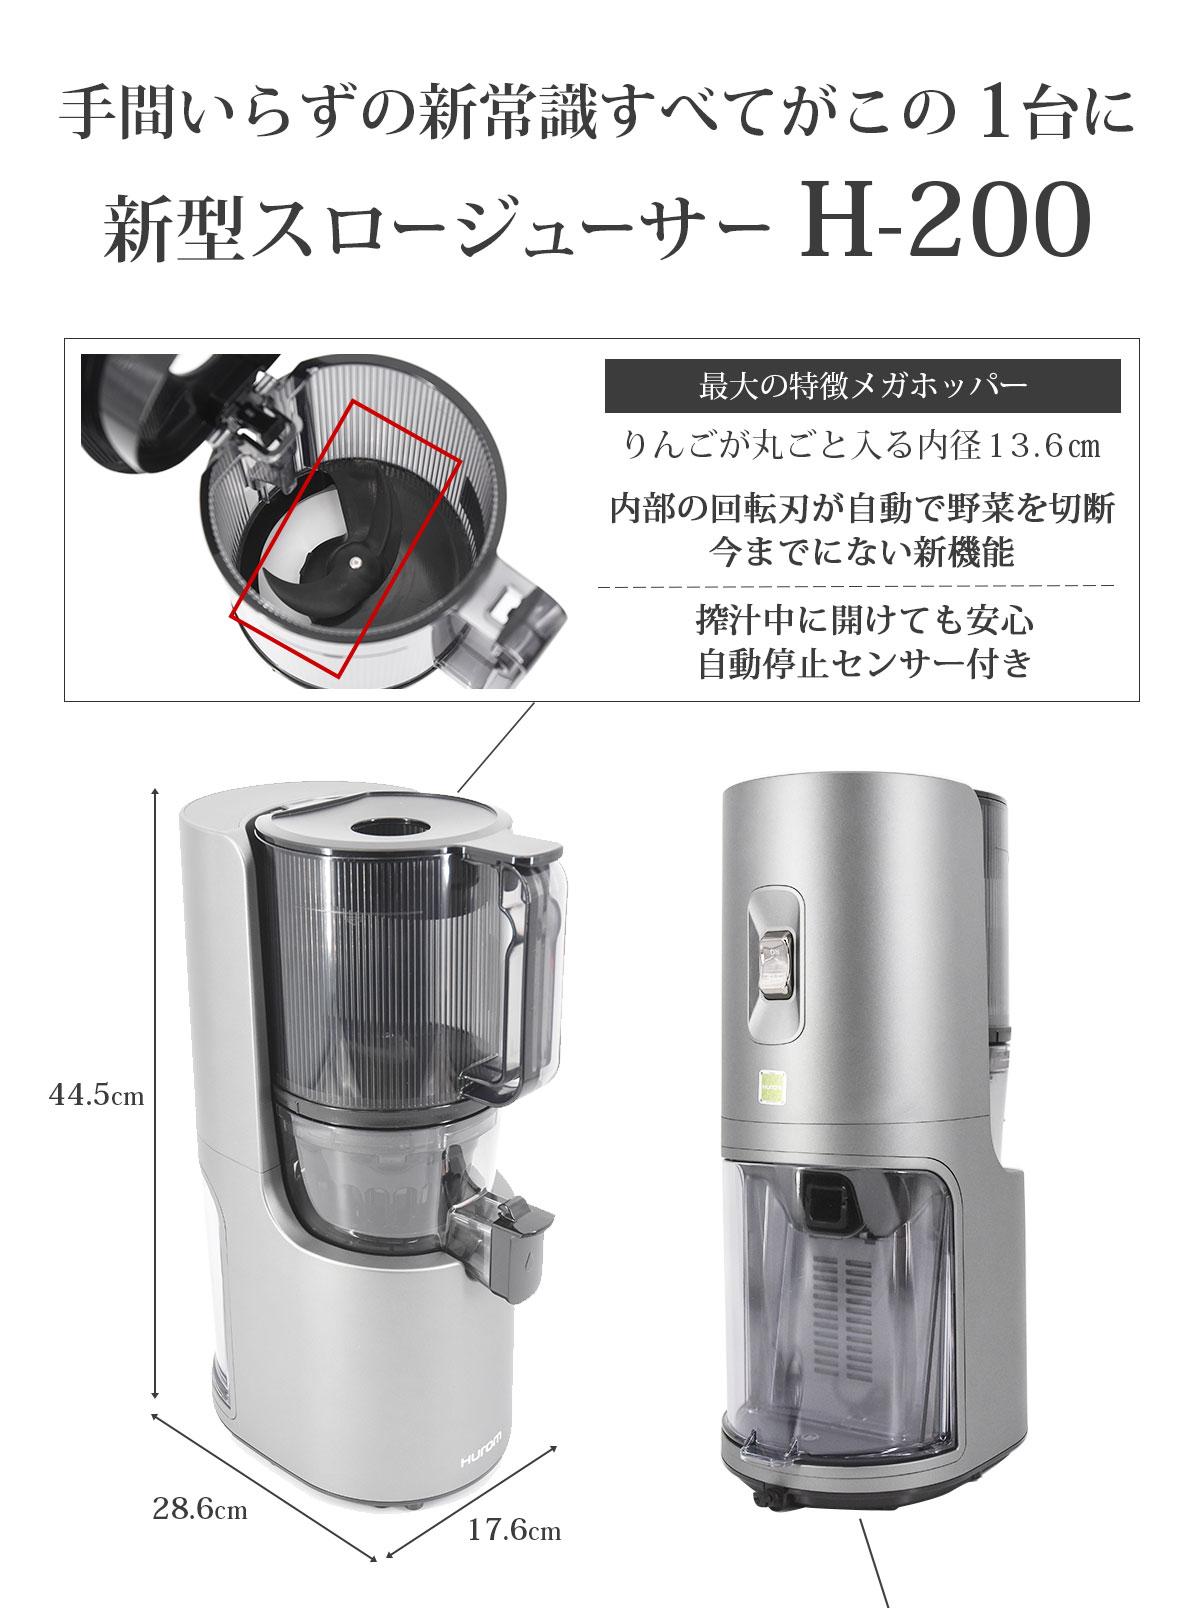 新型スロージューサーH-200